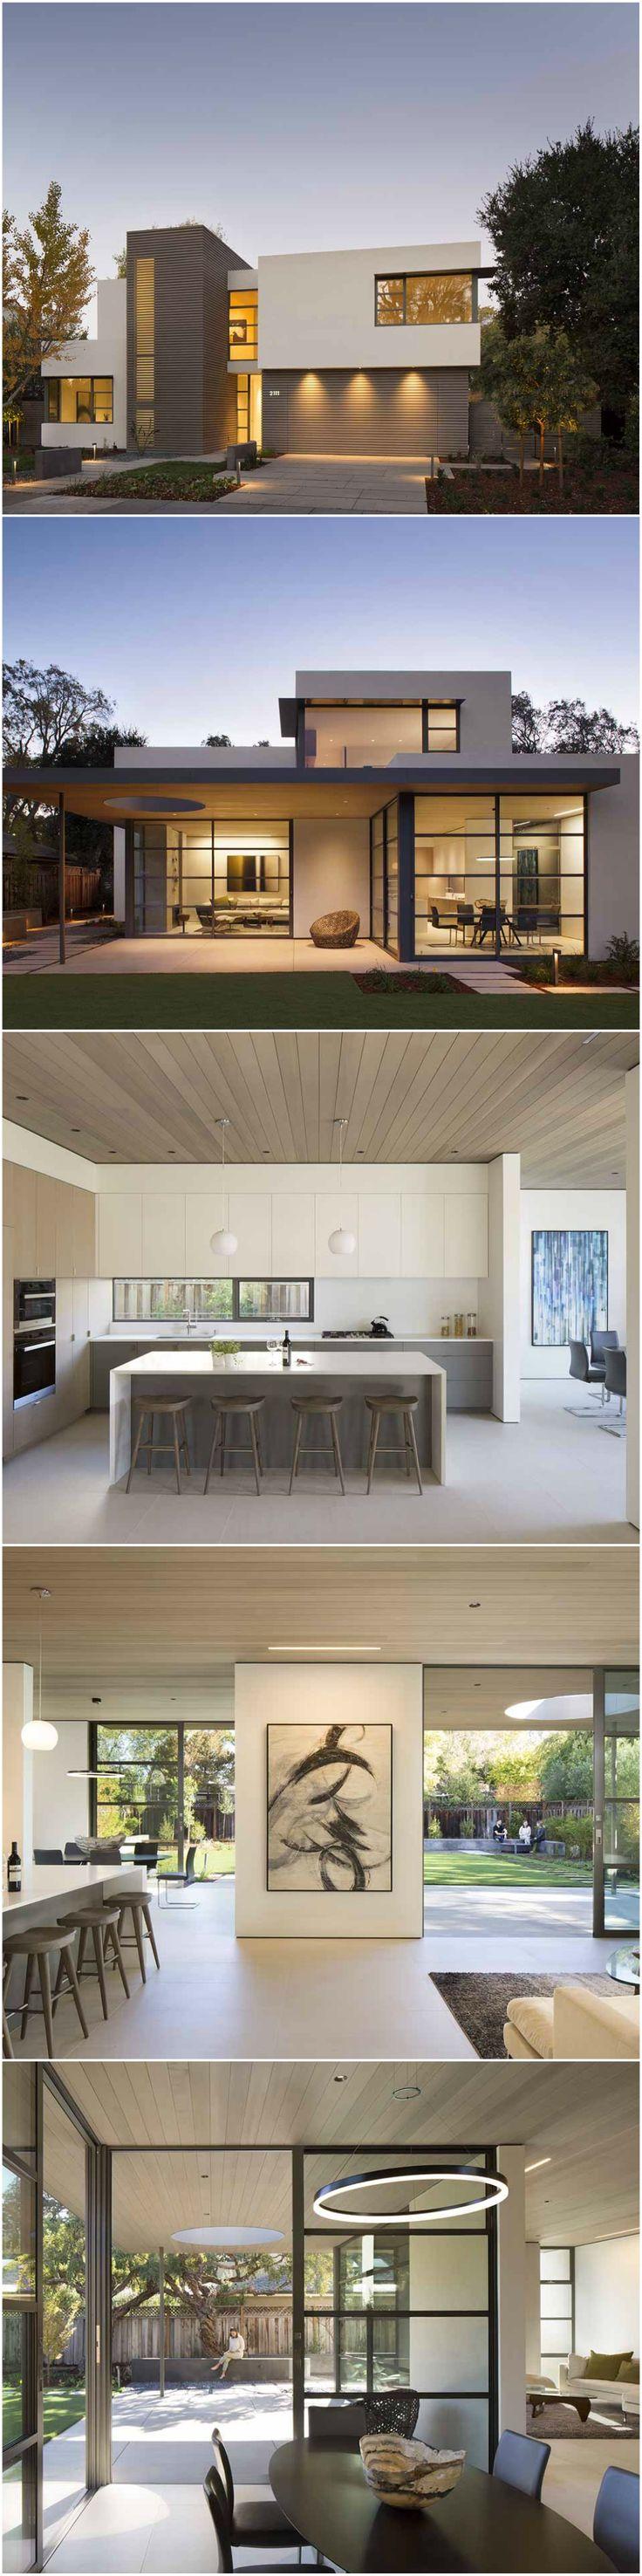 Badezimmer design natur inspiriert  best wohnung images on pinterest  facades home ideas and homes